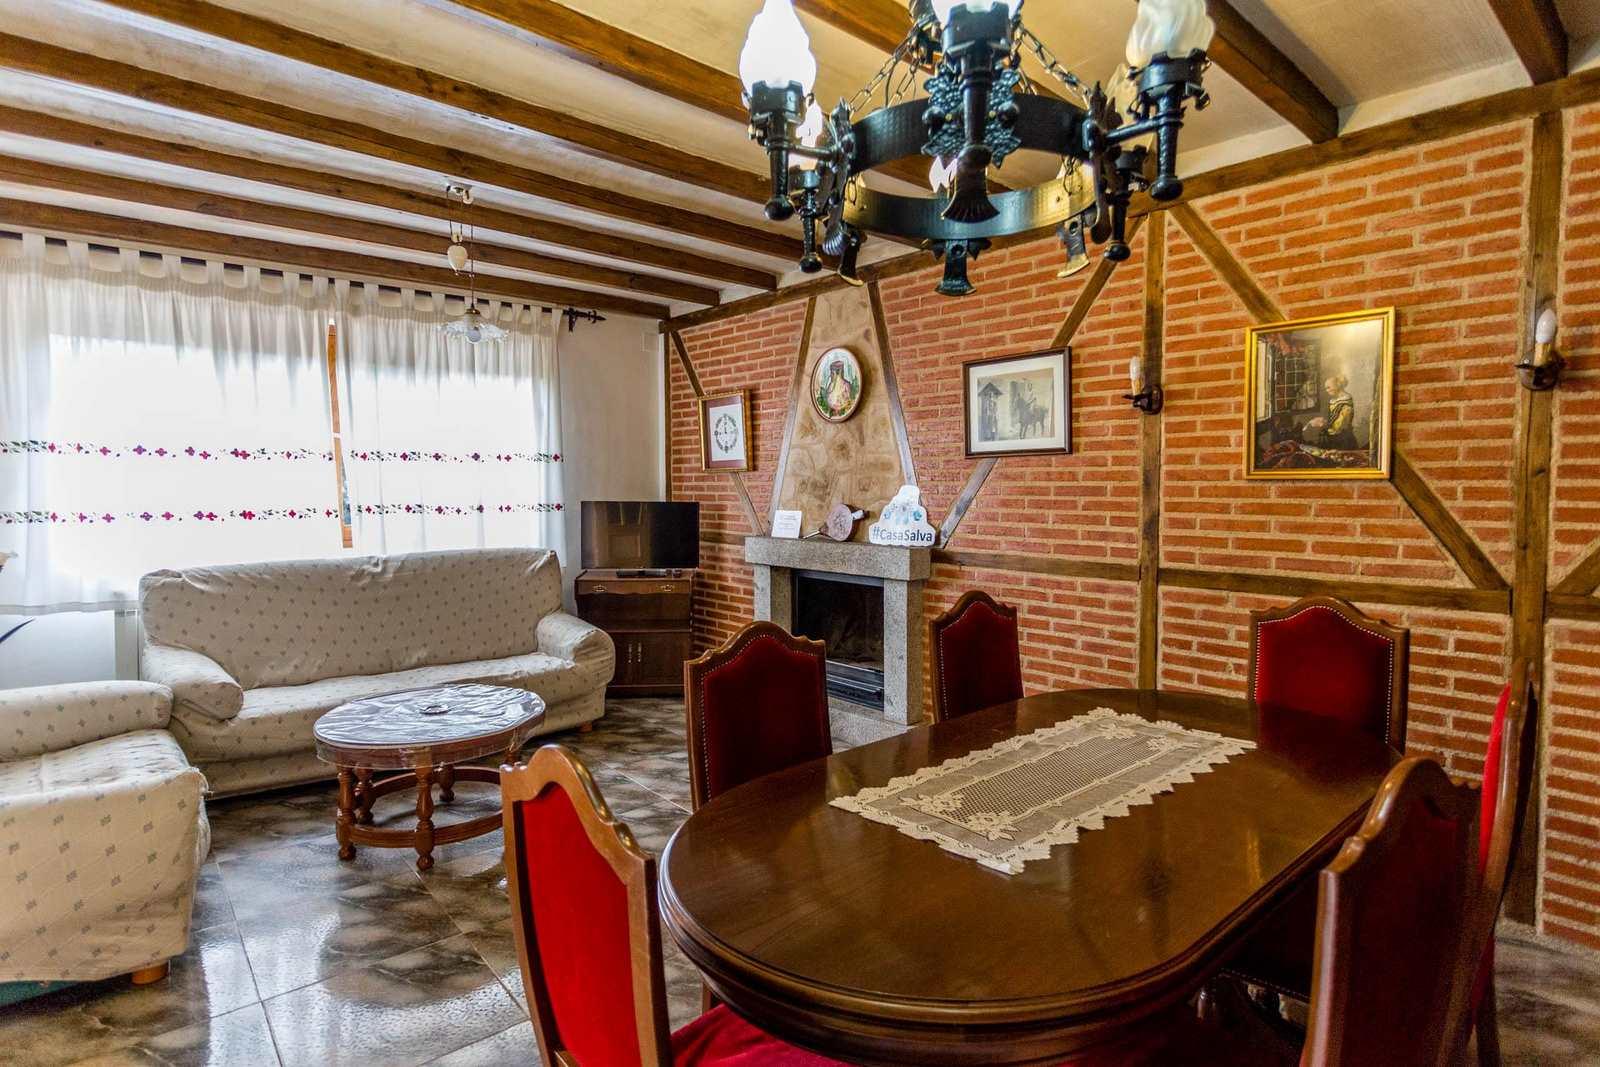 Alquiler vacaciones en La Rinconada de la Sierra, Salamanca